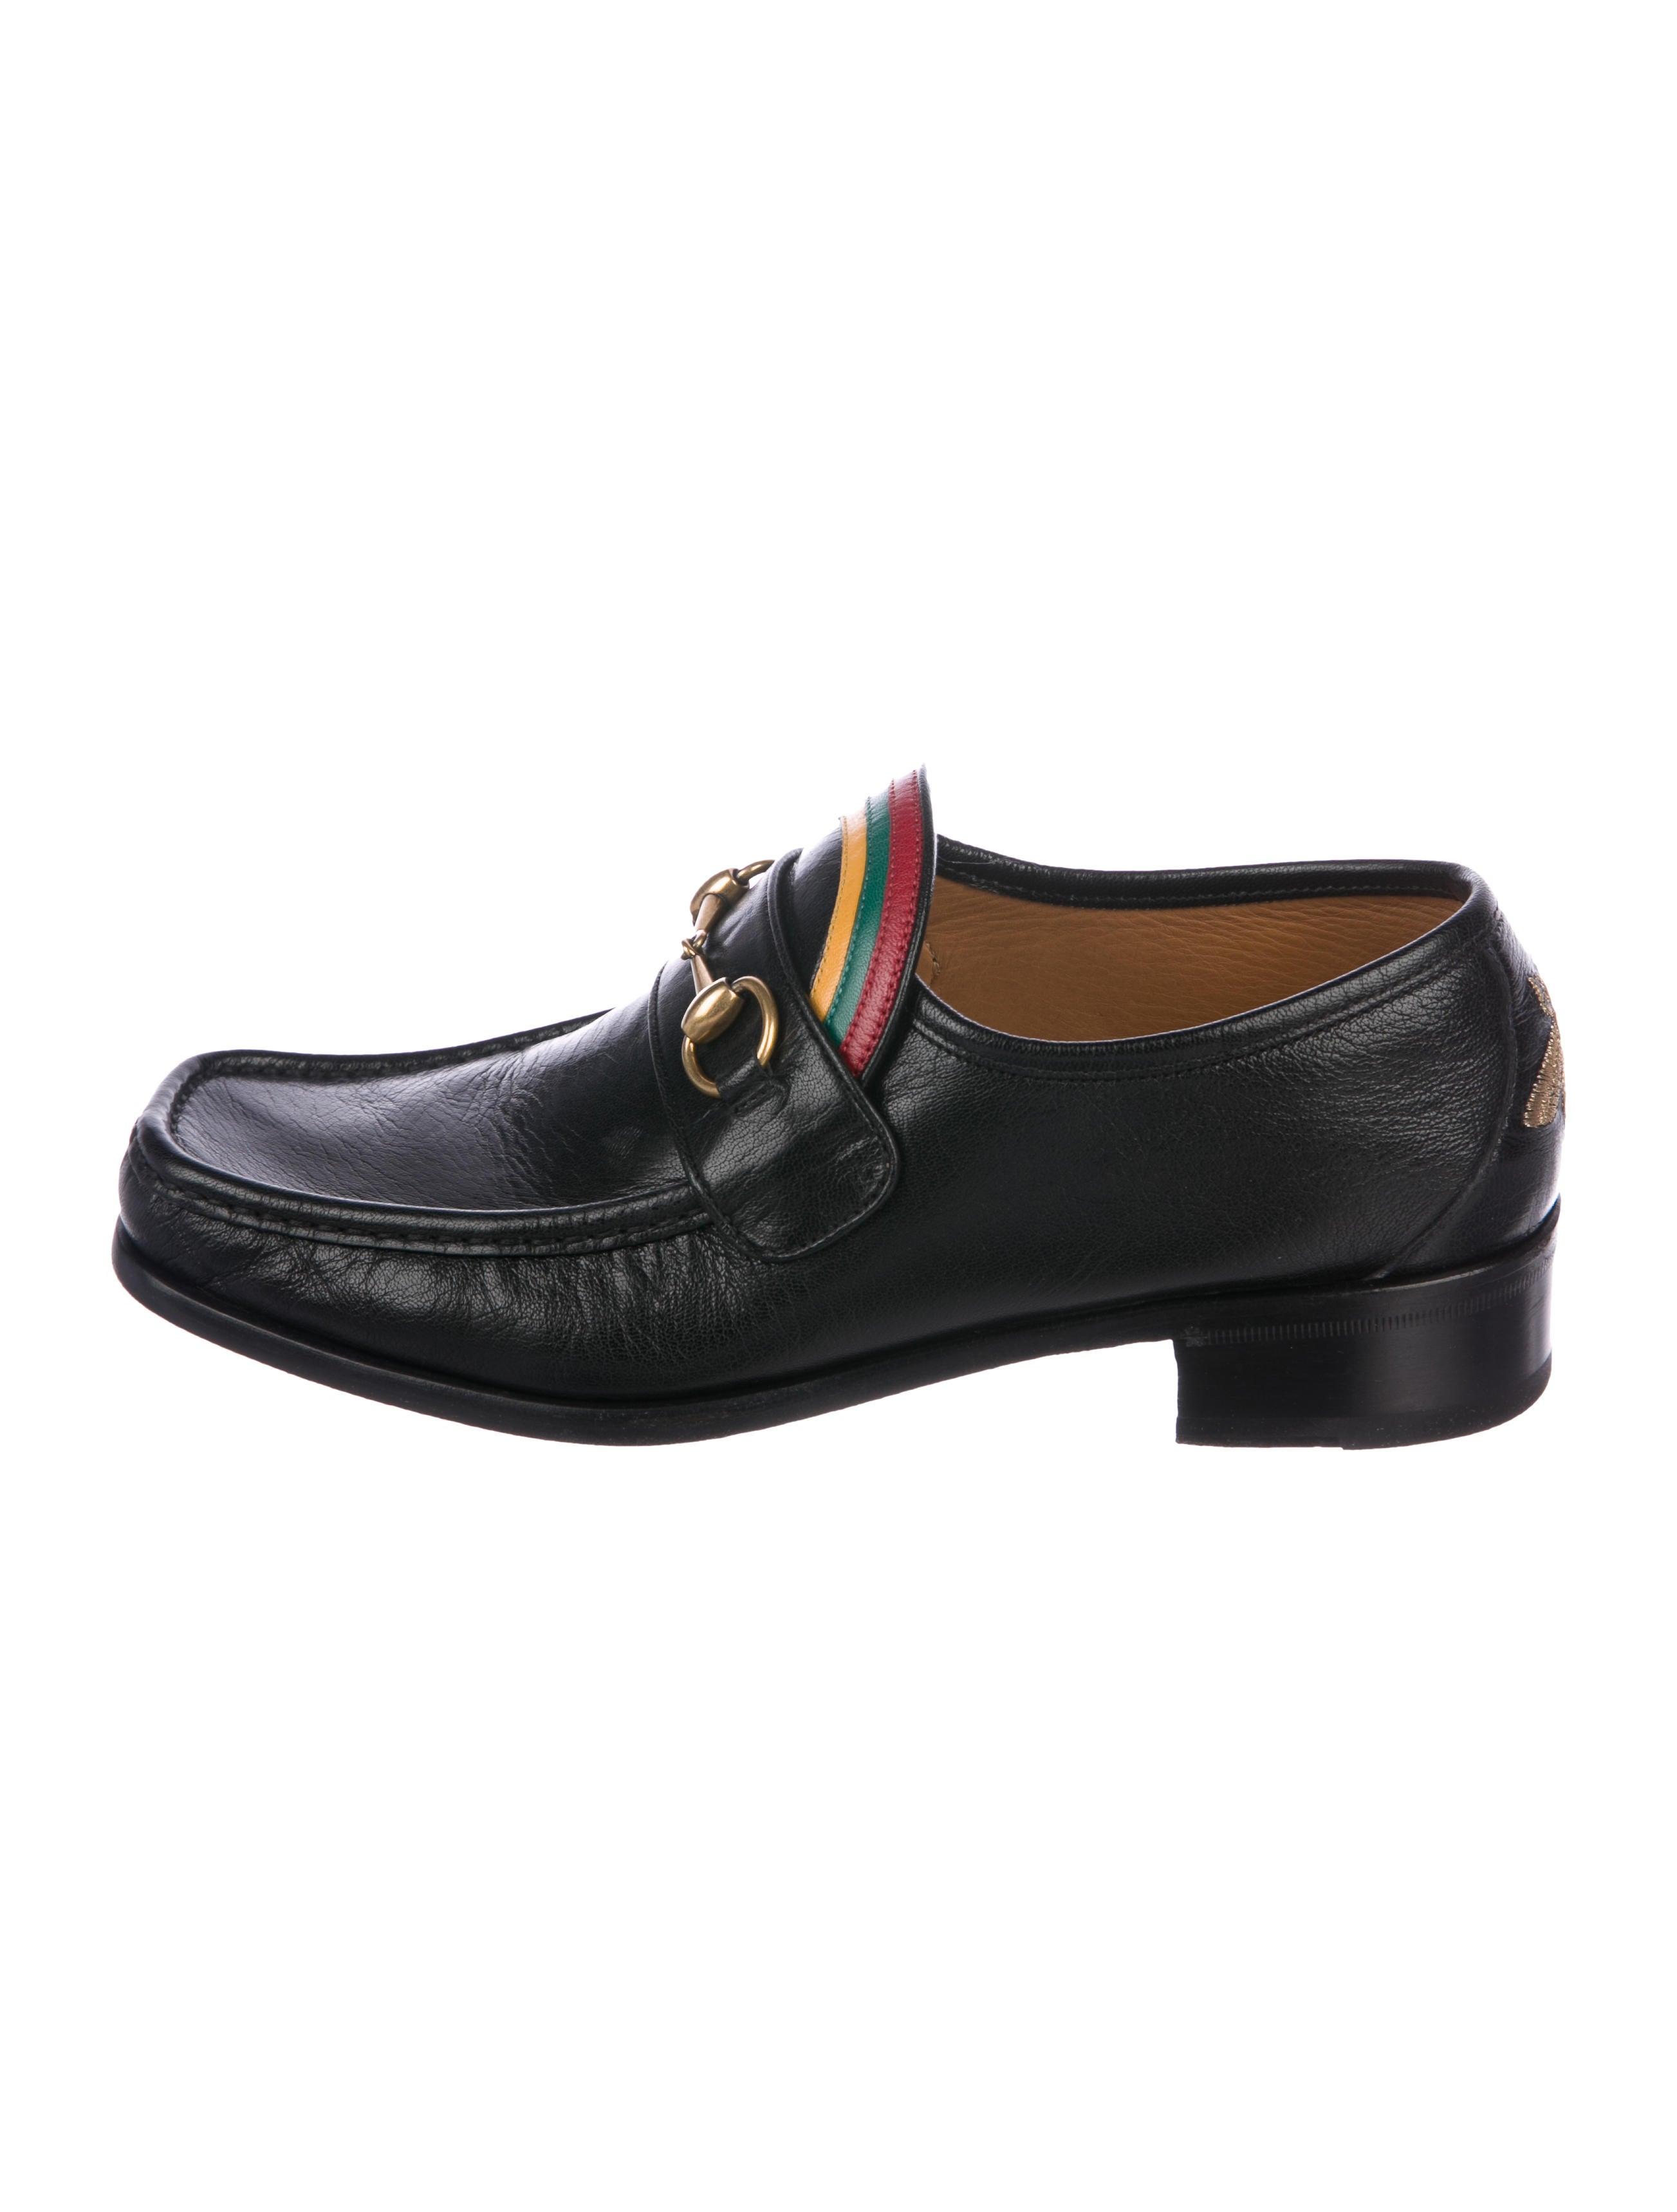 cd9996305c3 Gucci 2018 Rainbow Horsebit Loafers - Shoes - GUC221014